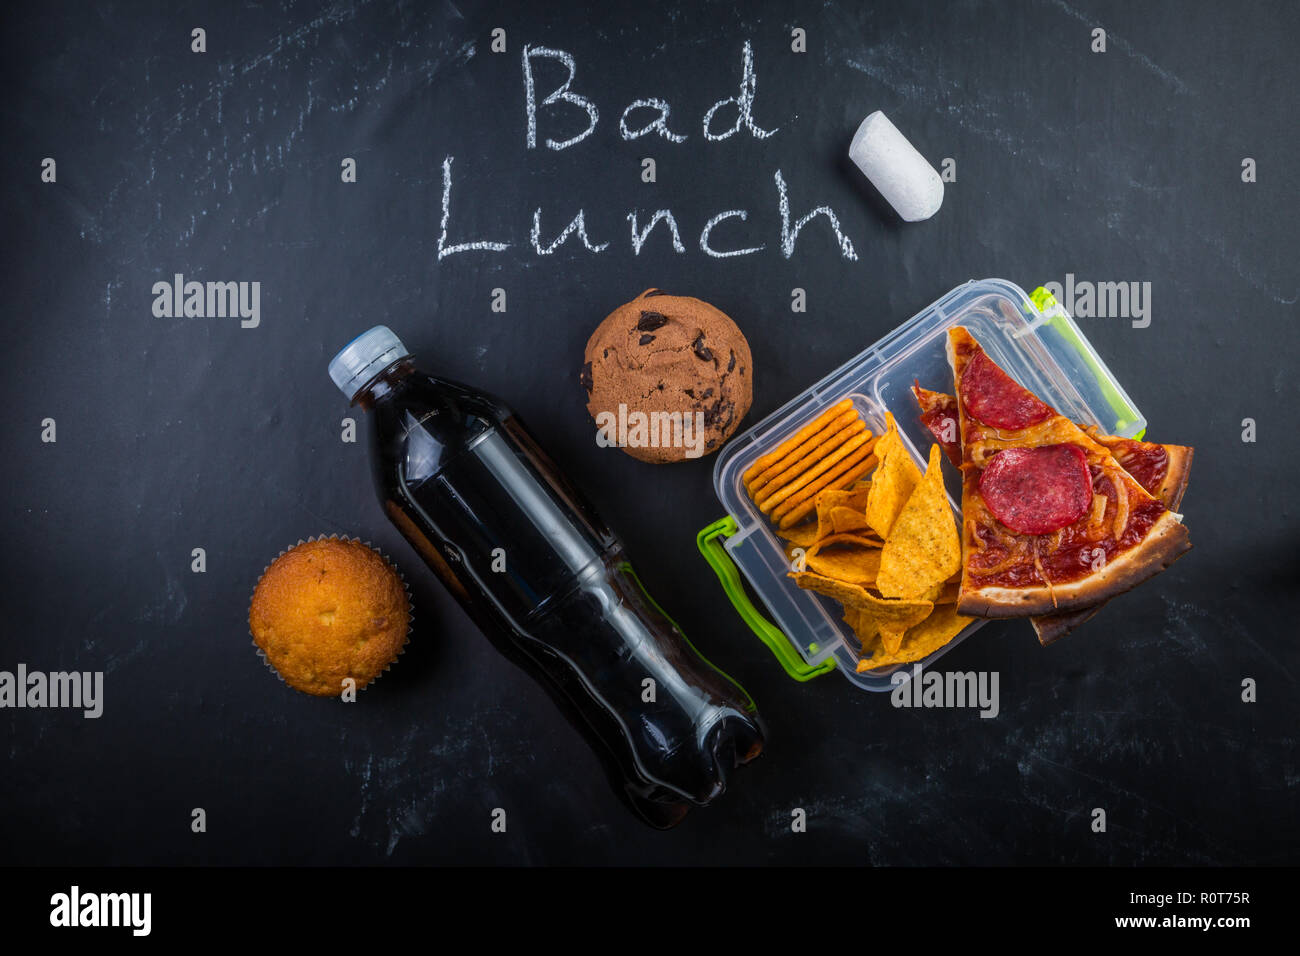 Déjeuner à l'école malsain Photo Stock